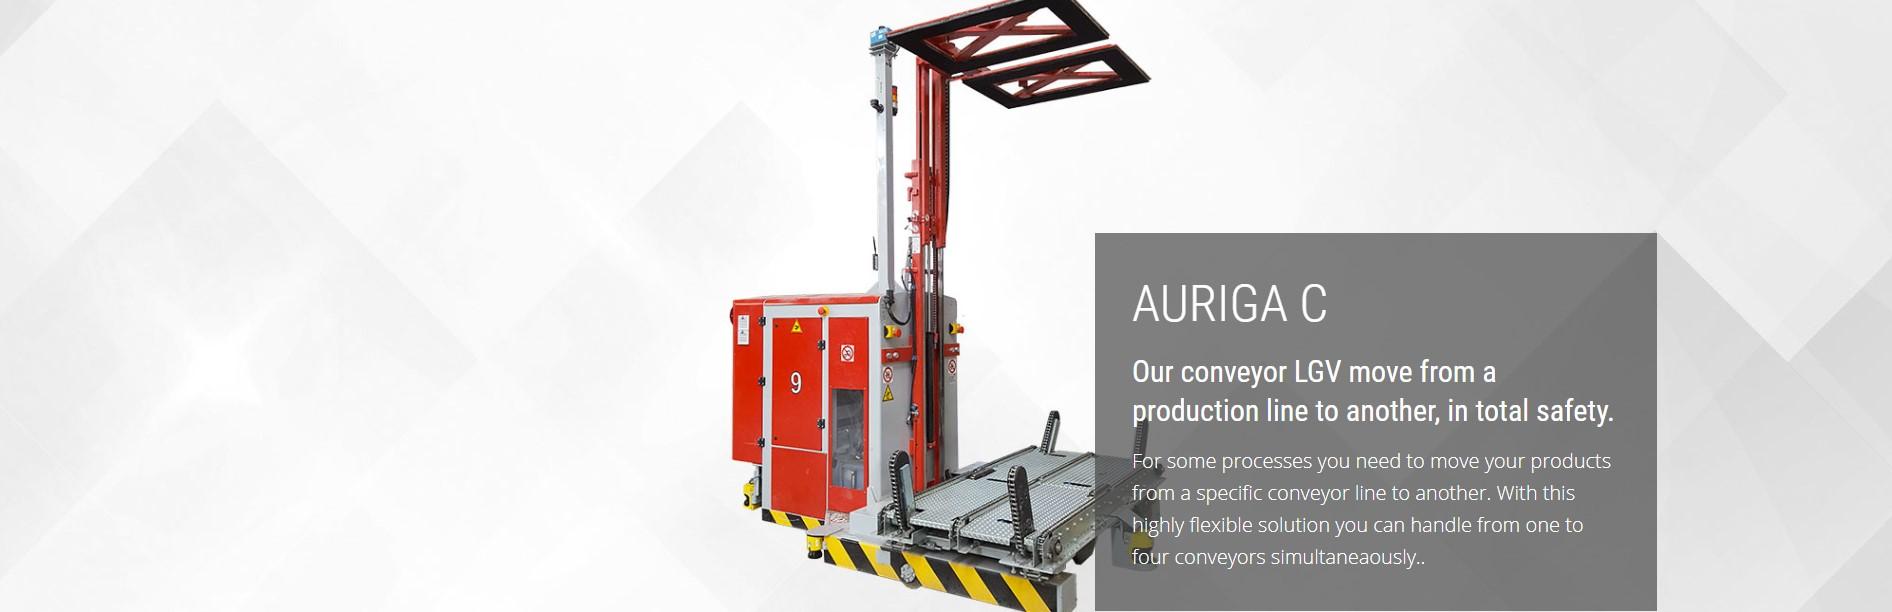 Auriga C laser guided vehicle